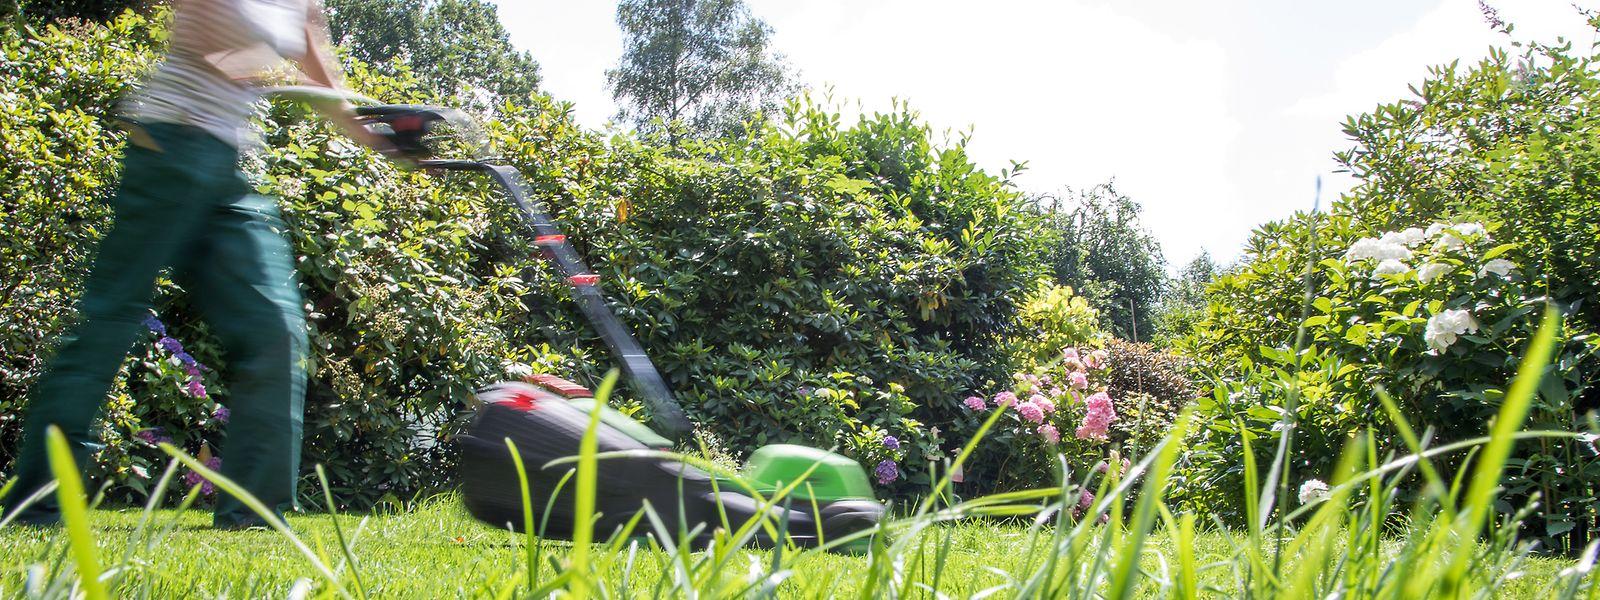 Bei Trockenheit kann man den Rasen getrost etwas höher wachsen lassen. Dann können sich die Pflanzen gegenseitig besser Schatten spenden.